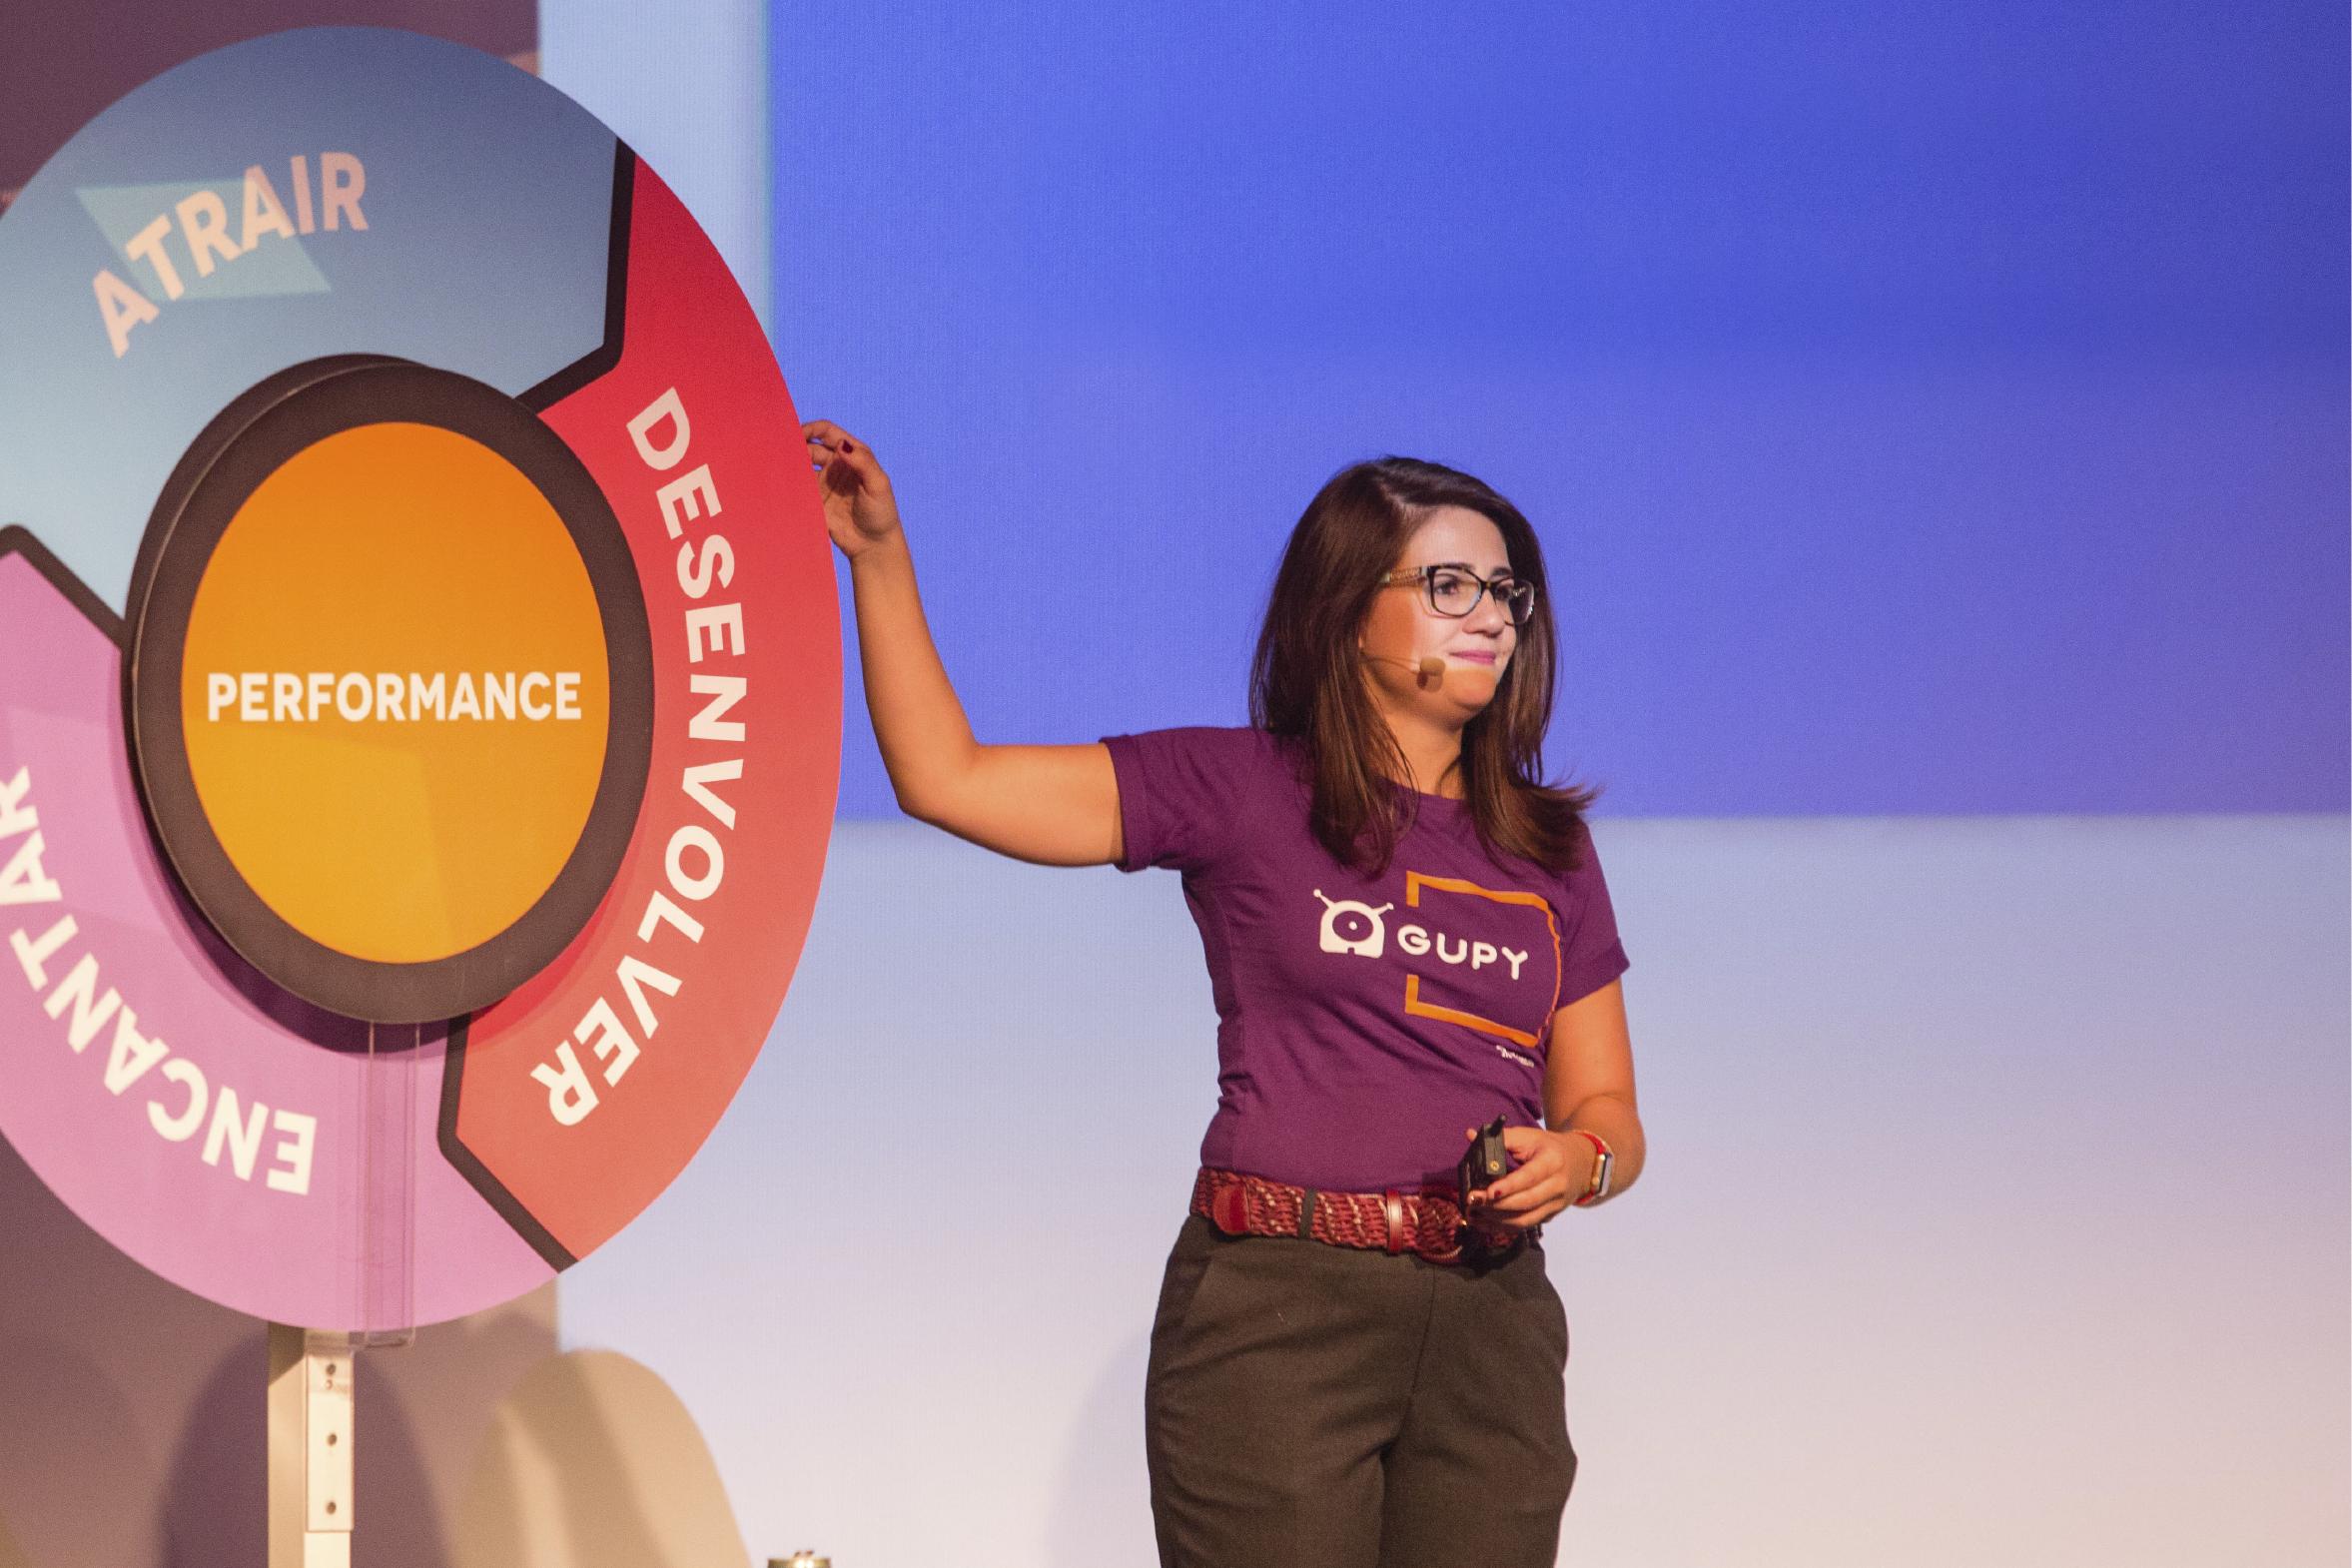 Mariana Dias mostra modelo da roda HR4results